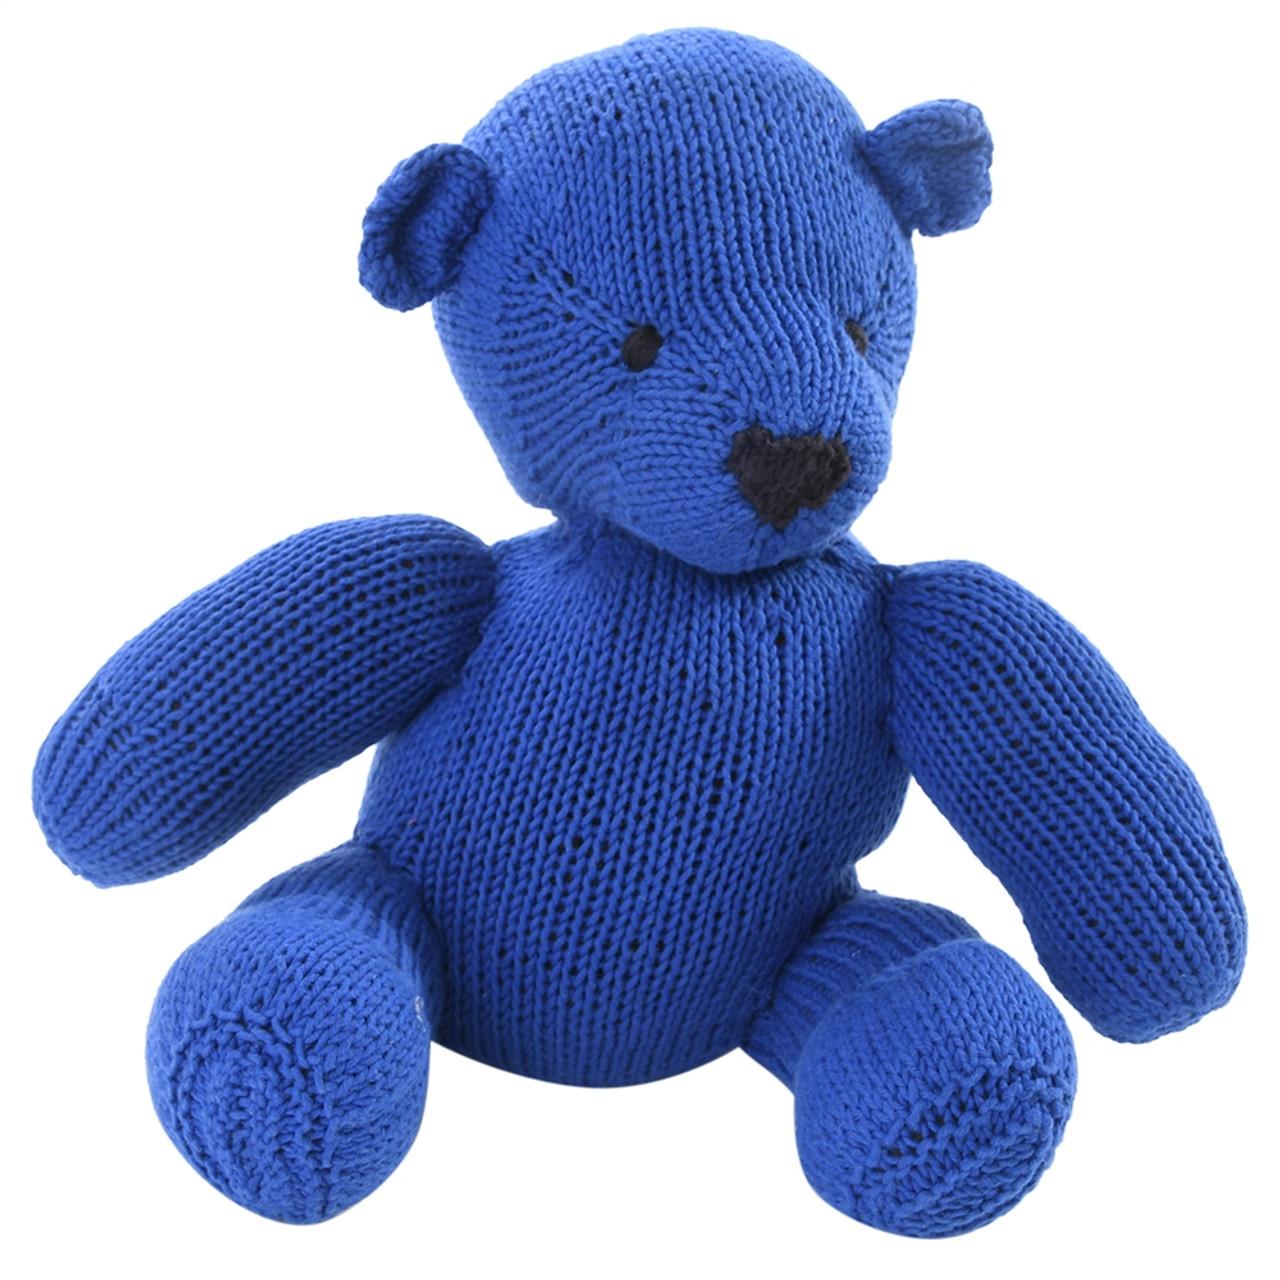 Organic Stuffed Bear - Noah